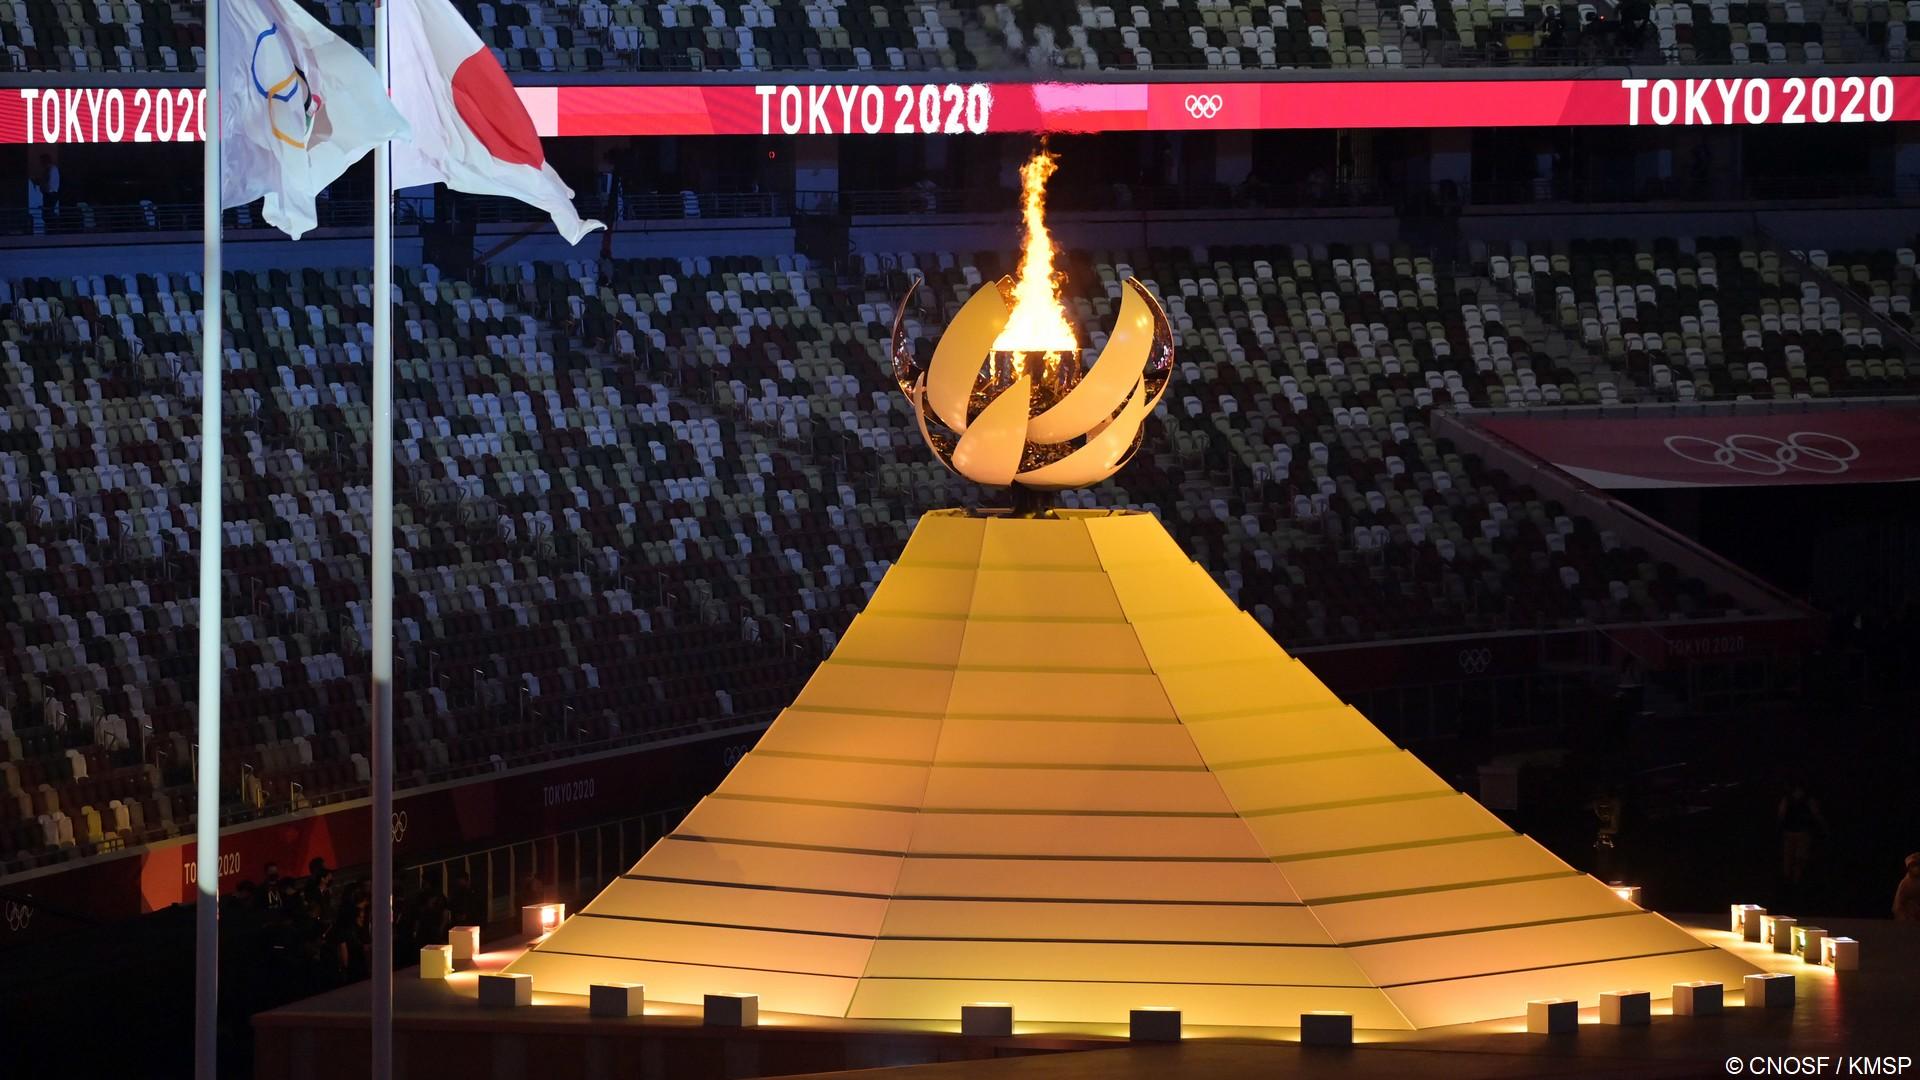 Tokyo 2020 – vasque olympique (2) (c) KMSP